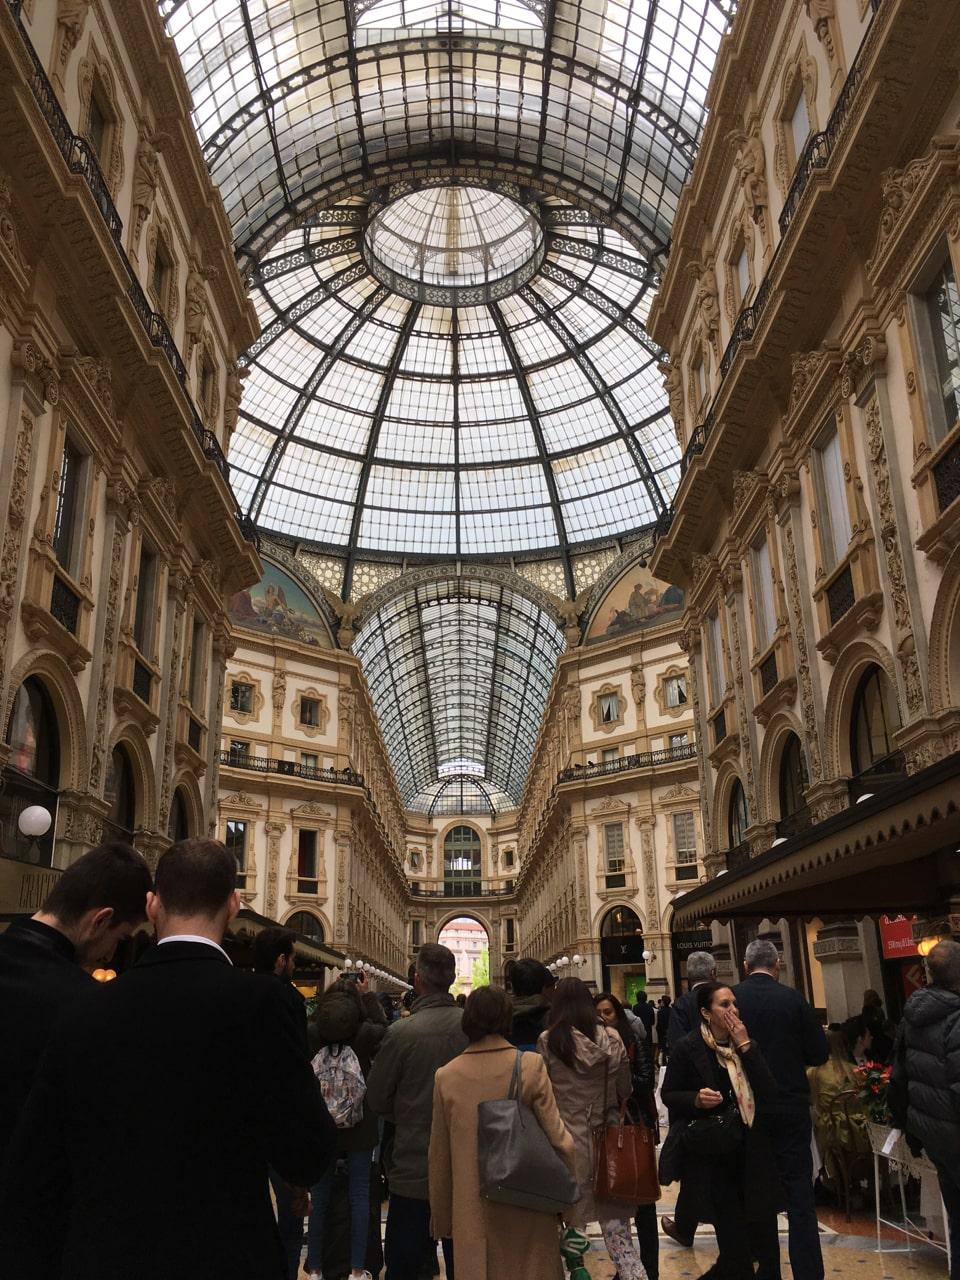 购物圣地——埃马努埃莱二世长廊(Galleria Vittorio Emanuele II),各种大牌,比如Prada,Gucci一应俱全